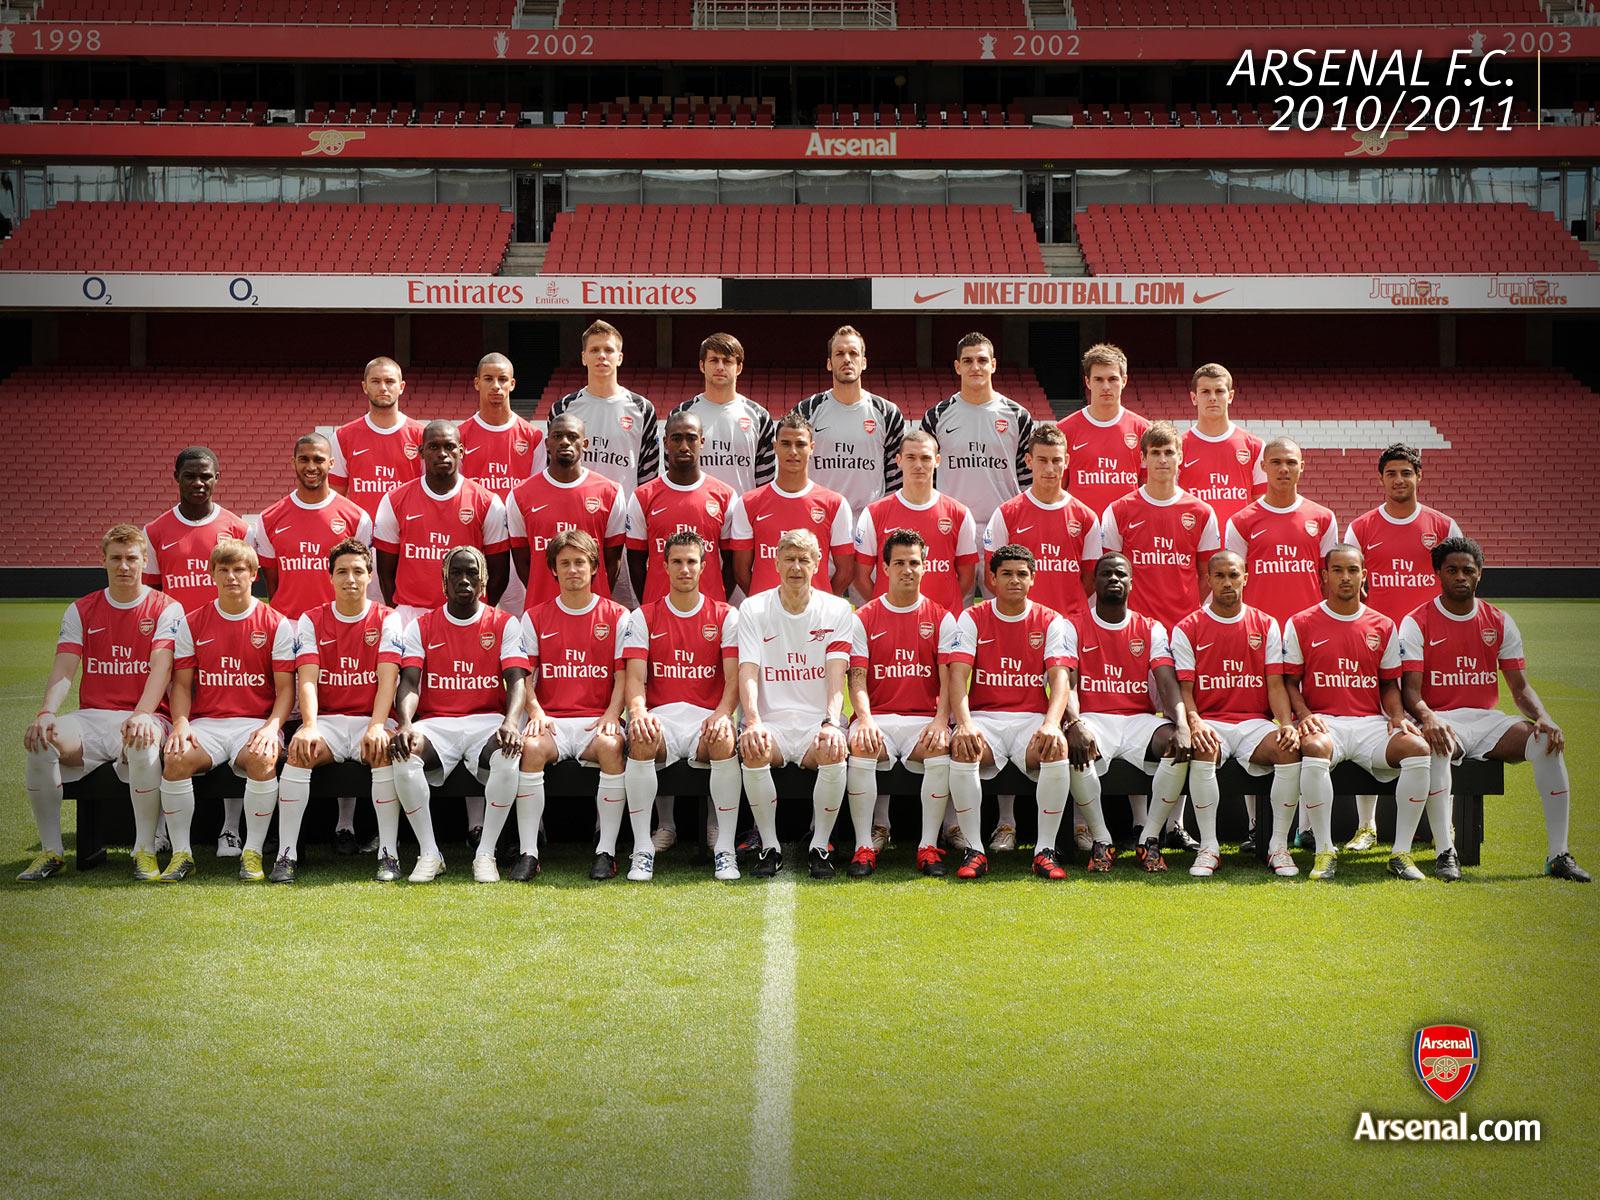 Hilo del Arsenal WallPaper-Arsenal-2010